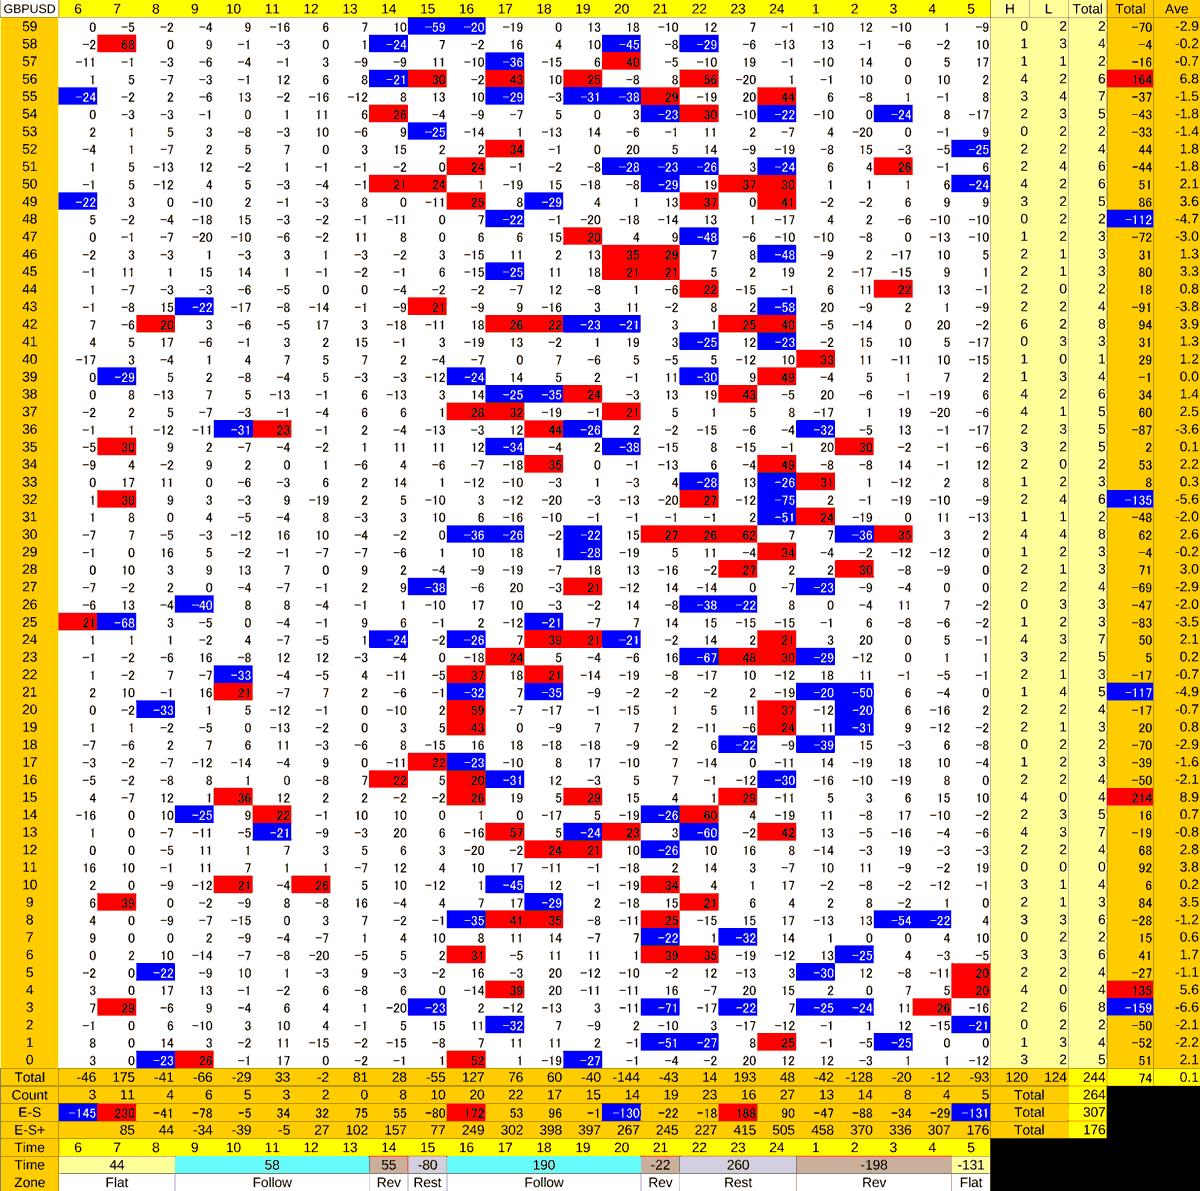 20201118_HS(2)GBPUSD